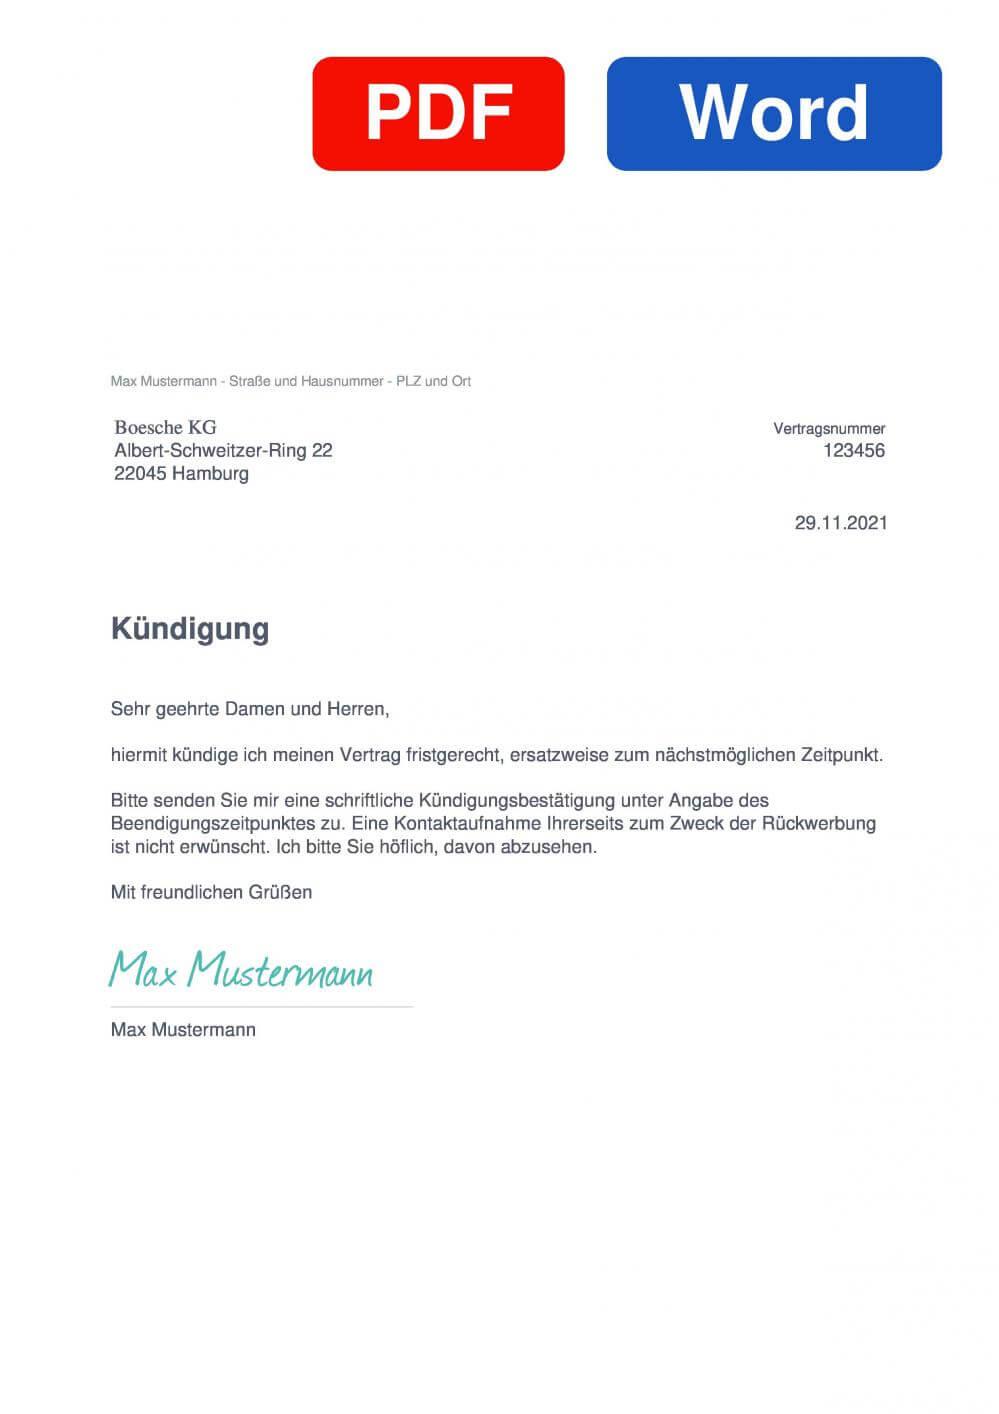 Boesche SKL Muster Vorlage für Kündigungsschreiben